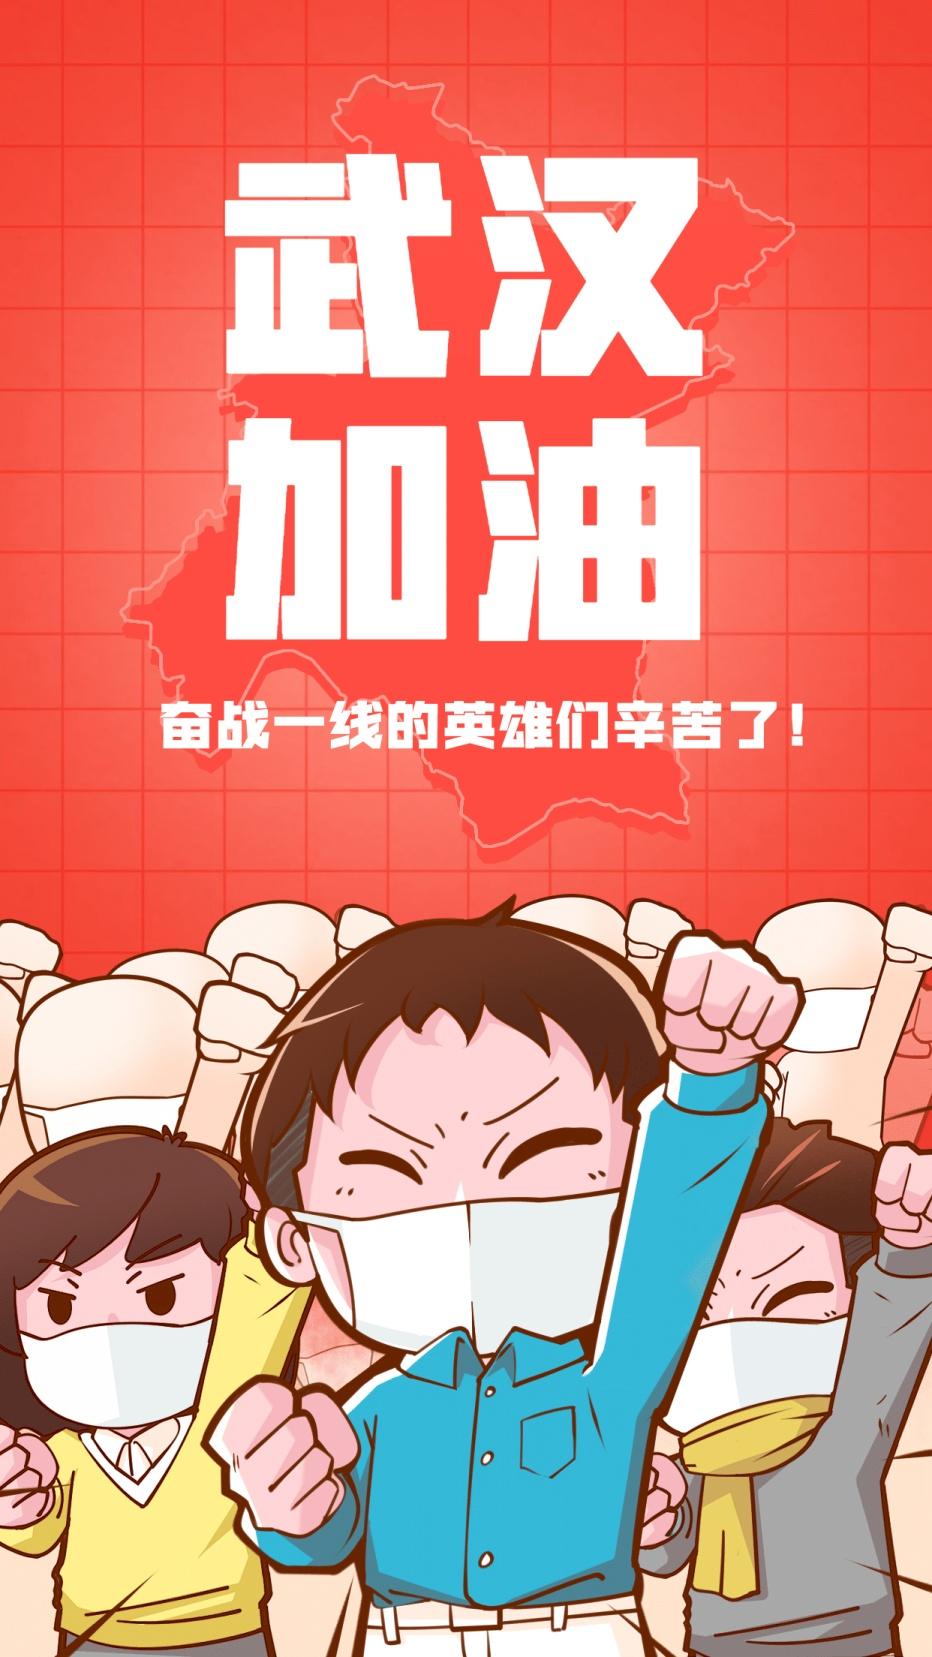 肺炎疫情武汉加油手绘插画海报